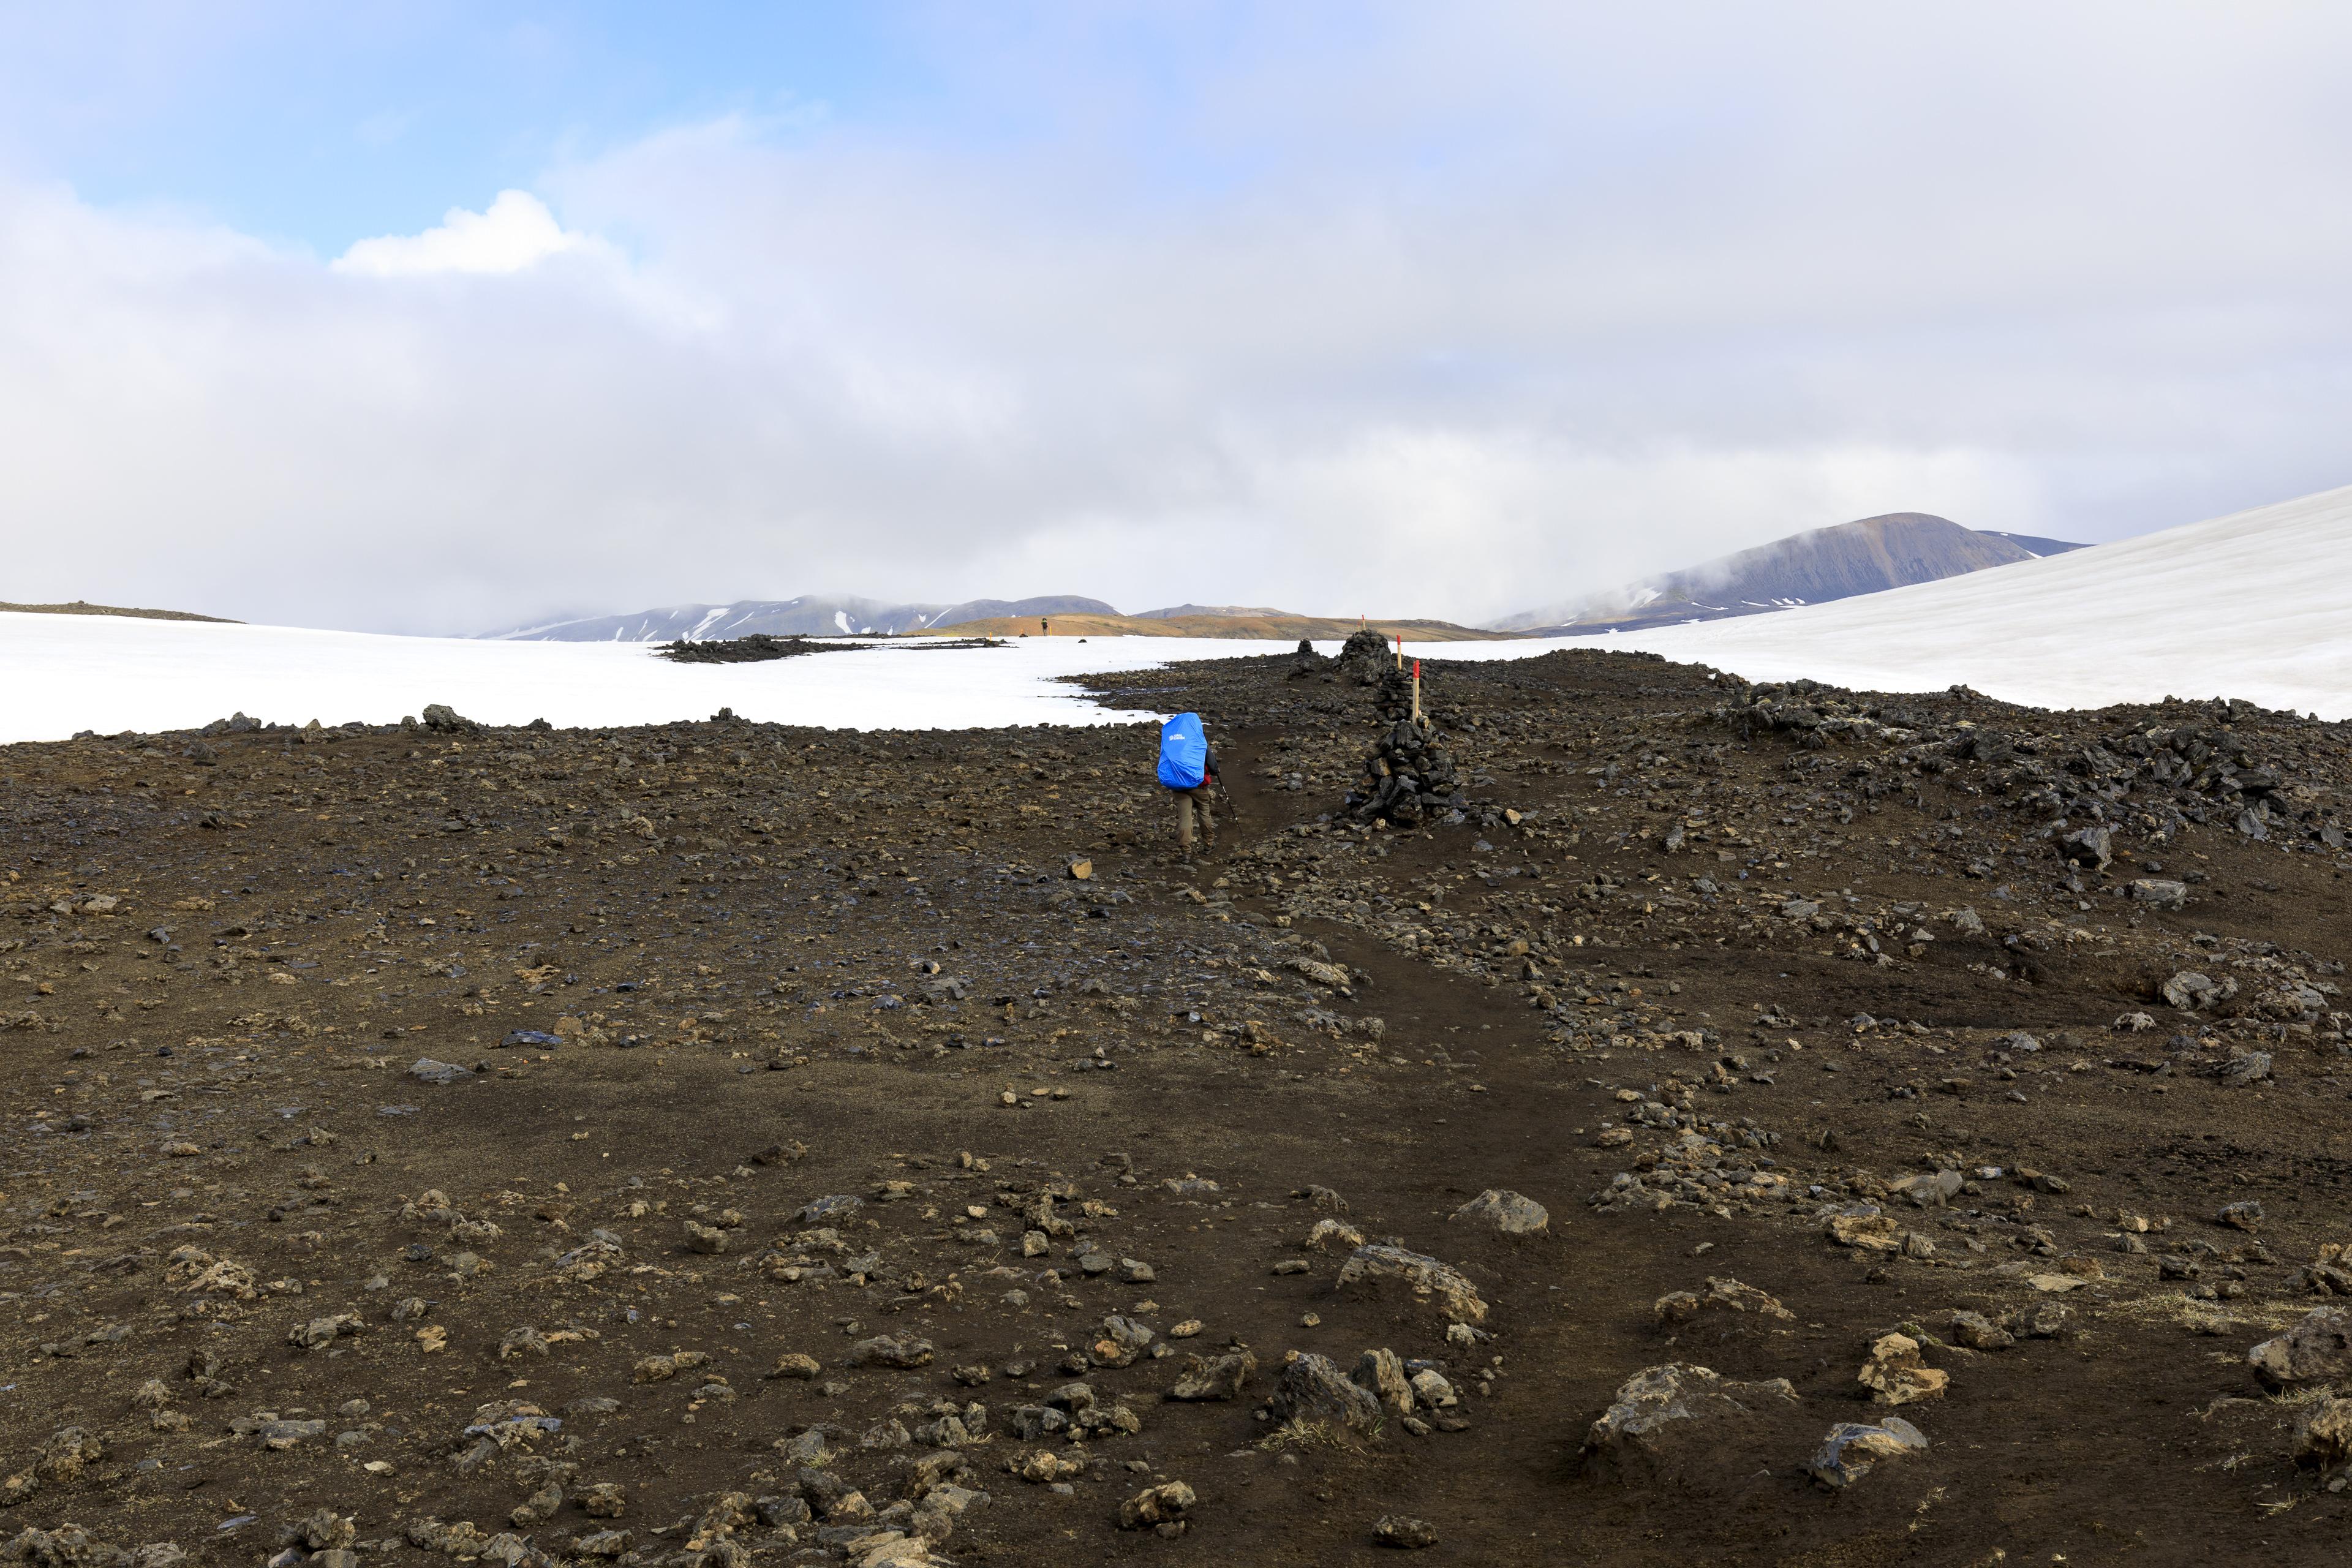 Weg über den Pass zwischen Söðull und Hrafntinnusker,©Markus Proske—Canon EOS 5D Mark IV, EF16-35mm f/4L IS USM, 35mm, 1/160s, Blende 11, ISO 200